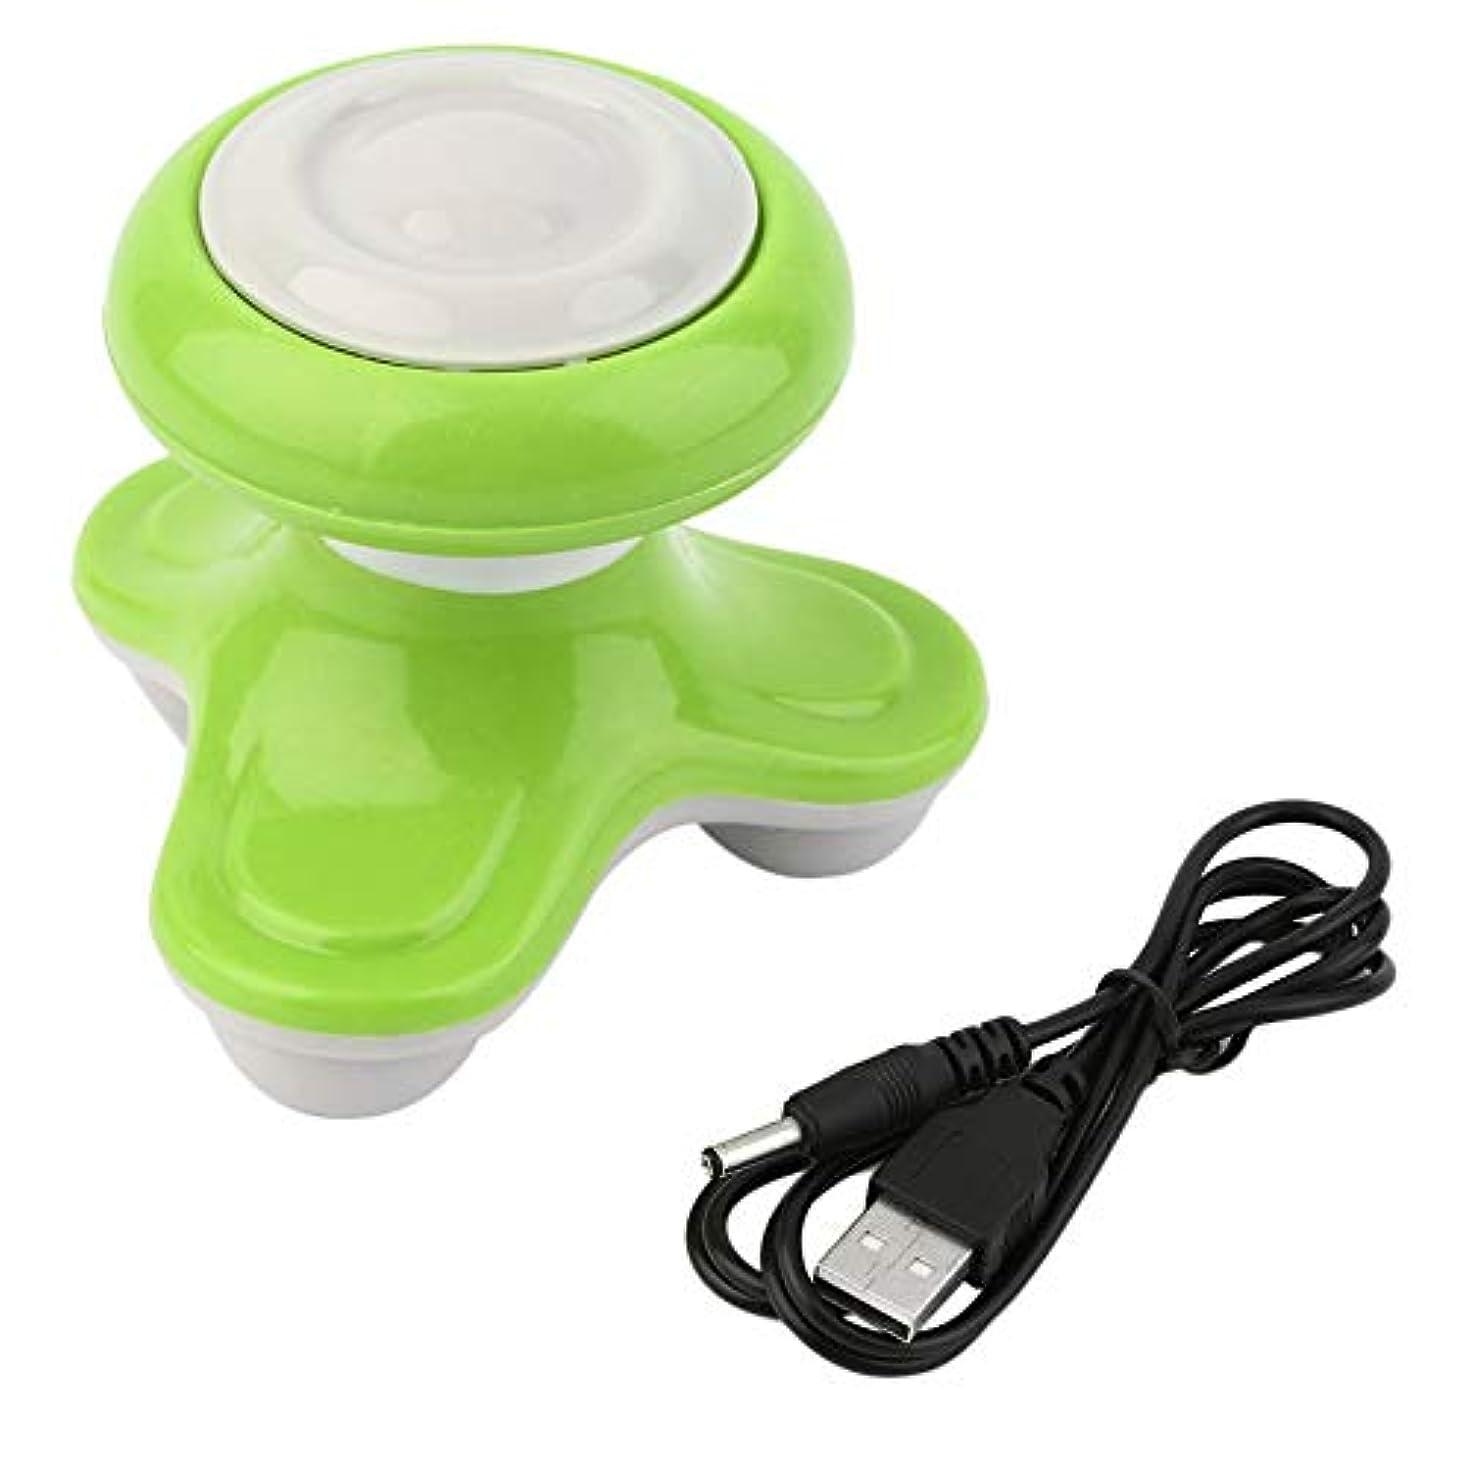 岸干ばつタクトミニ電動ハンドル波振動マッサージ器USBバッテリーフルボディマッサージ持ち運びに便利な超小型軽量-グリーン